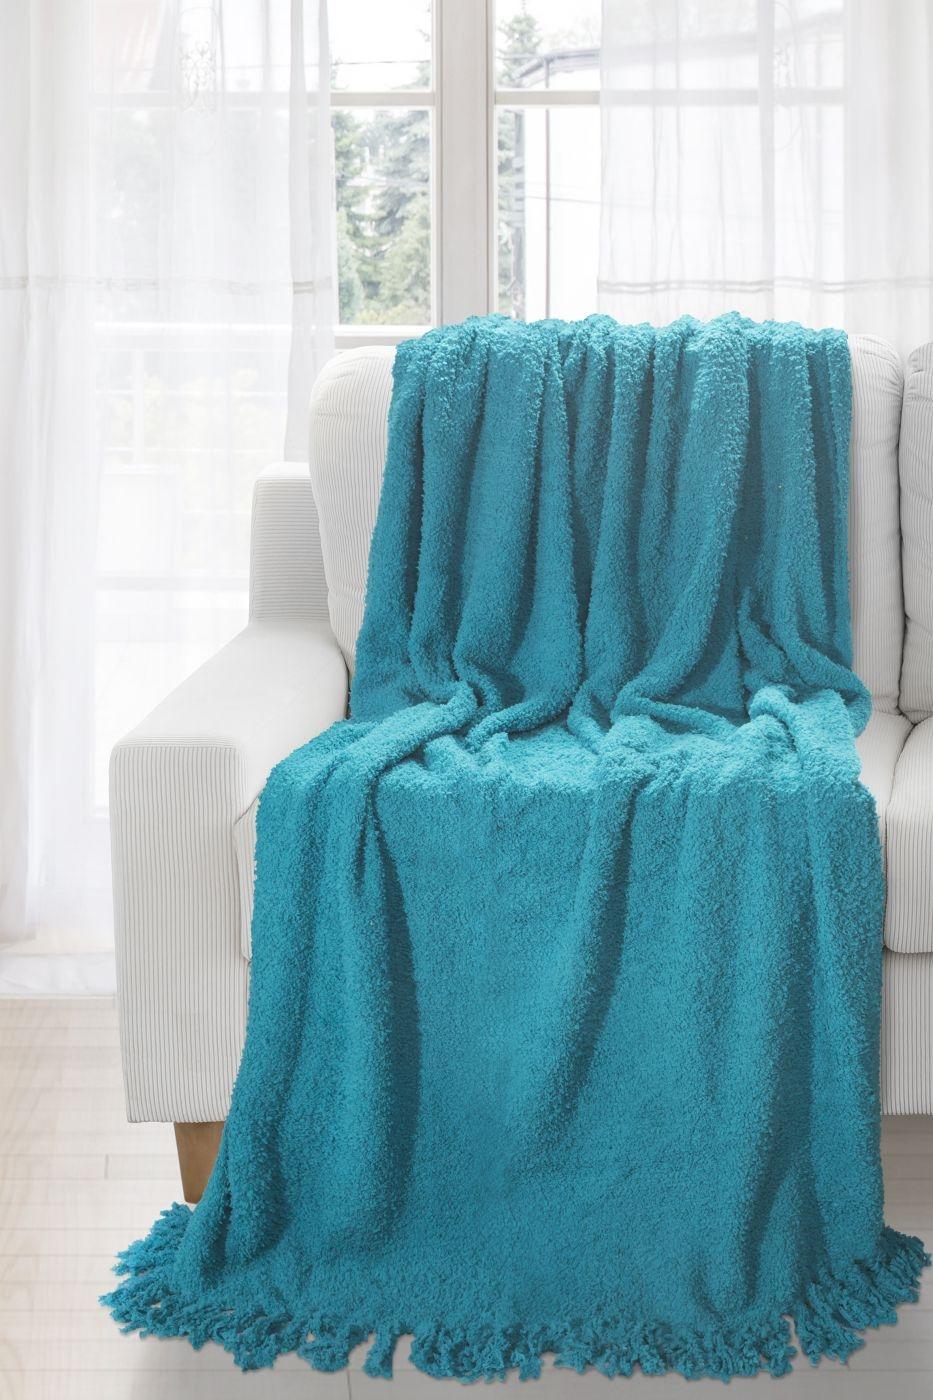 Patura Zet Turquoise 170 x 210 cm